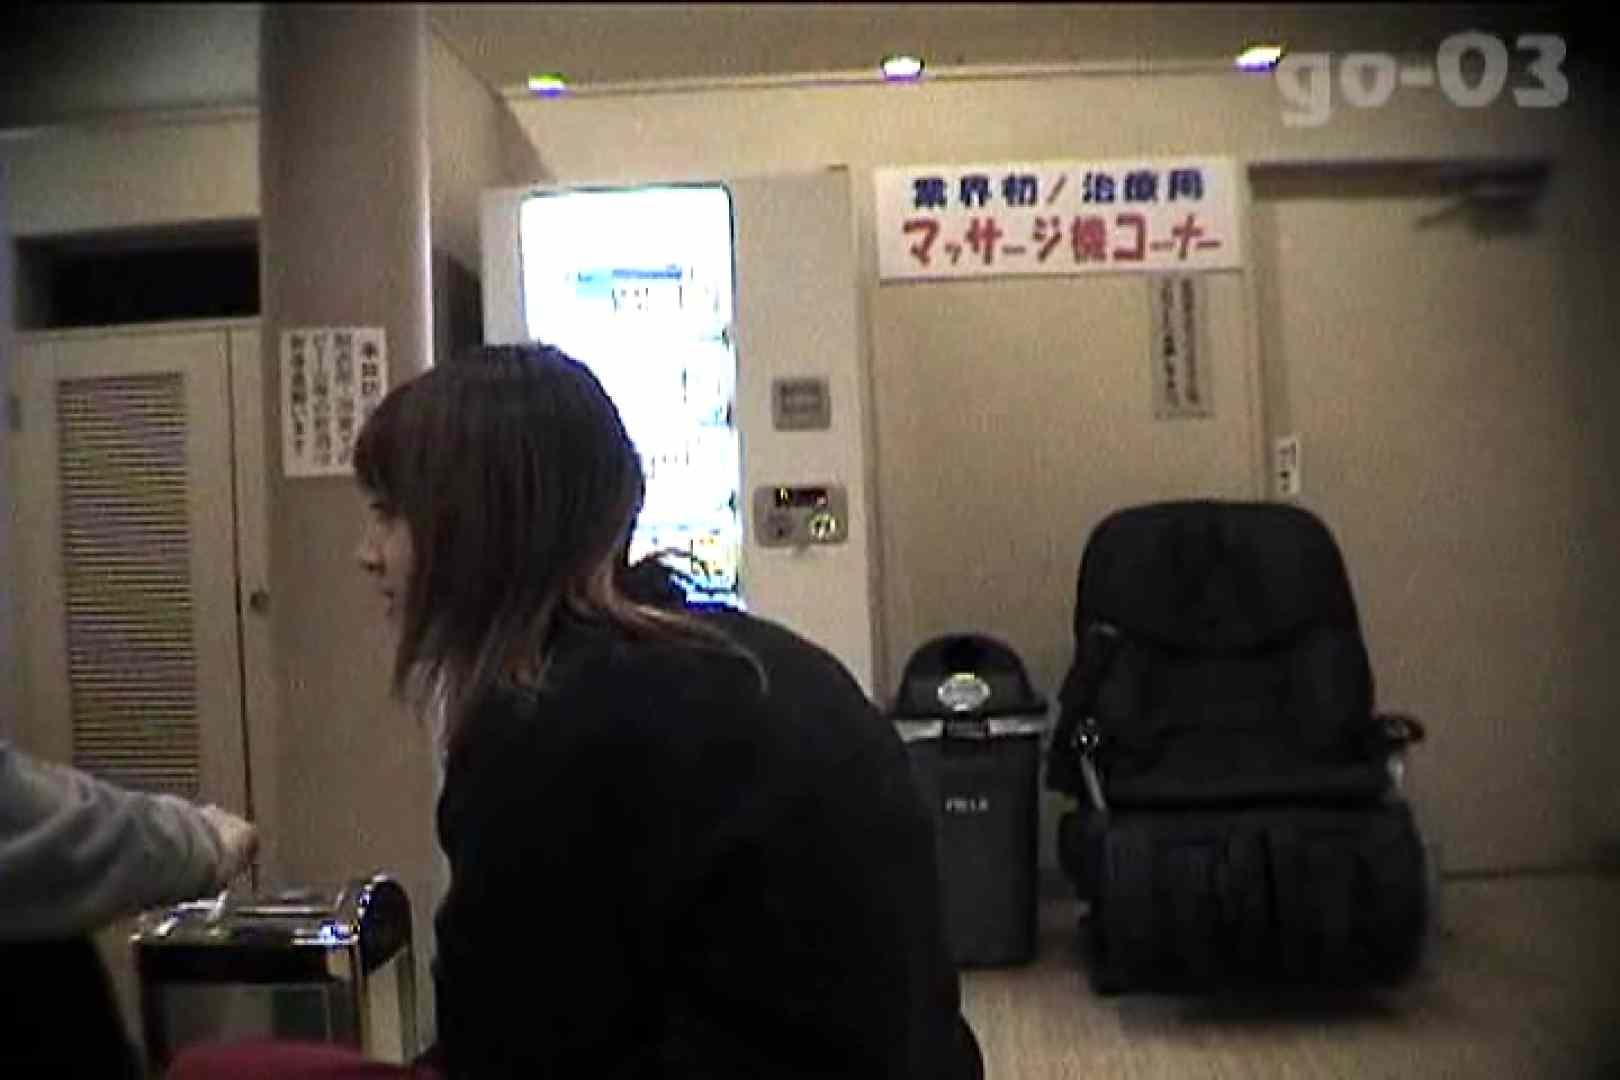 電波カメラ設置浴場からの防HAN映像 Vol.03 高評価  92PIX 13